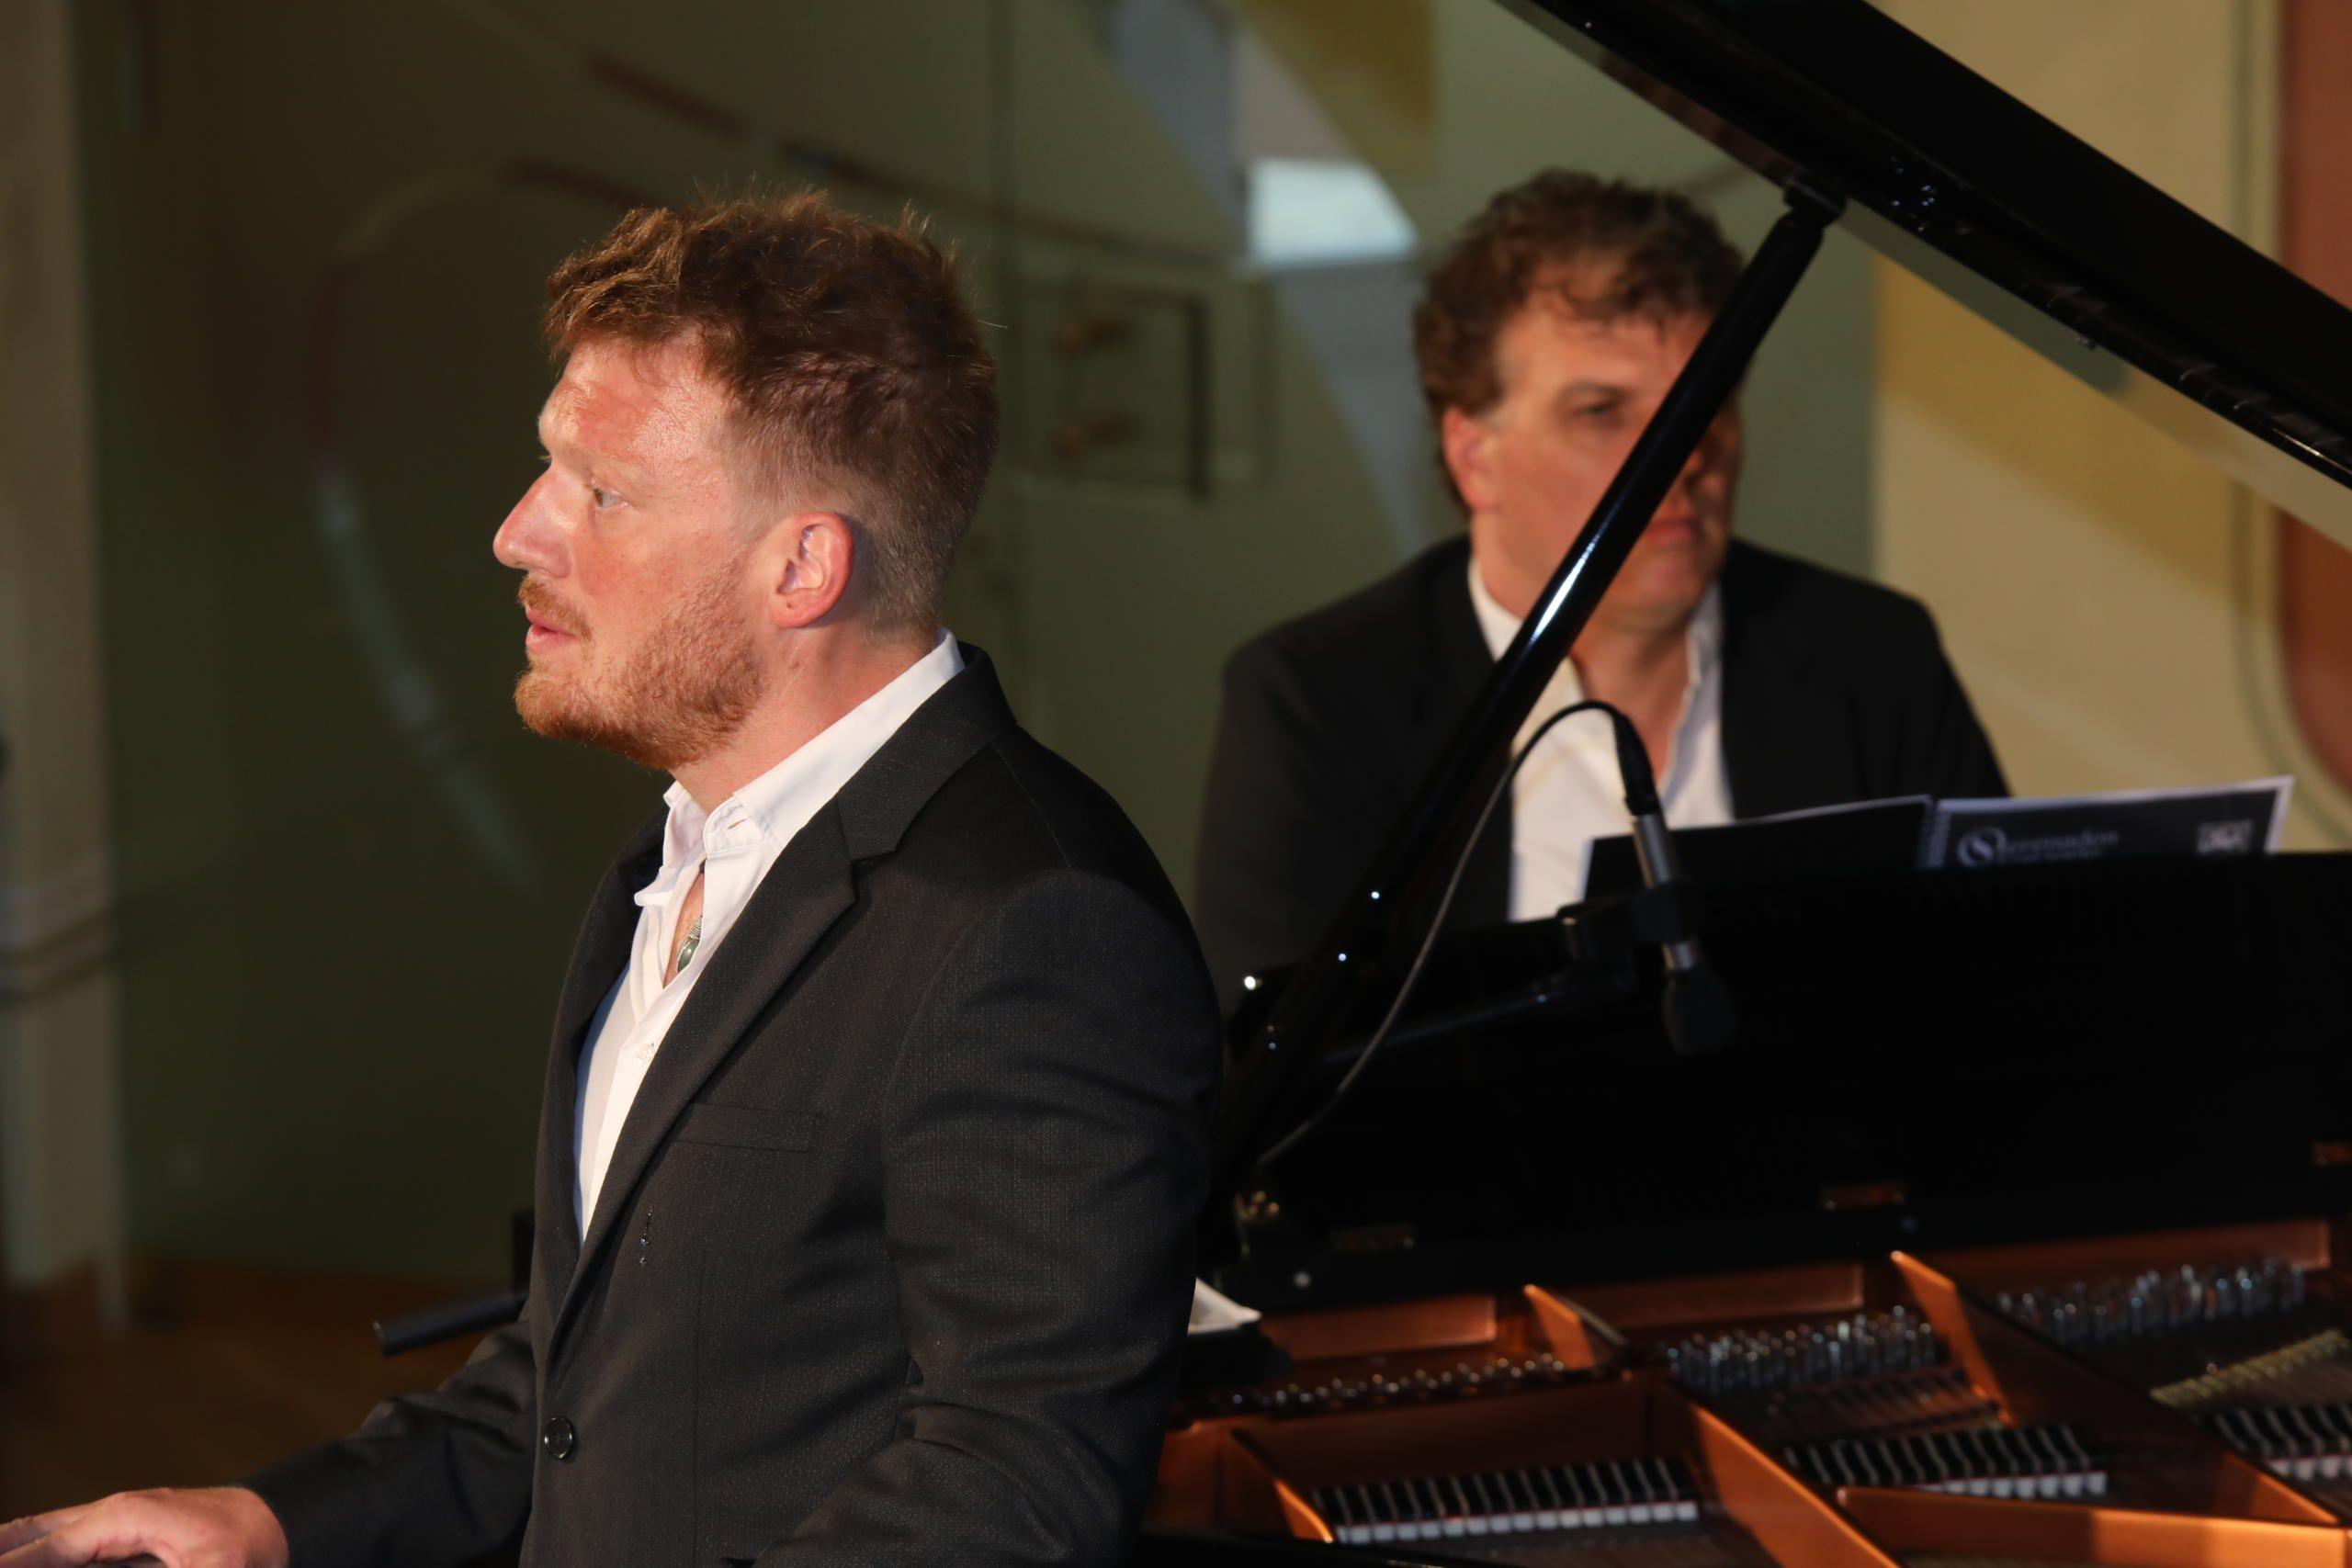 Serenadenkonzert mit Anette Dasch und Daniel Schmutzhard 4